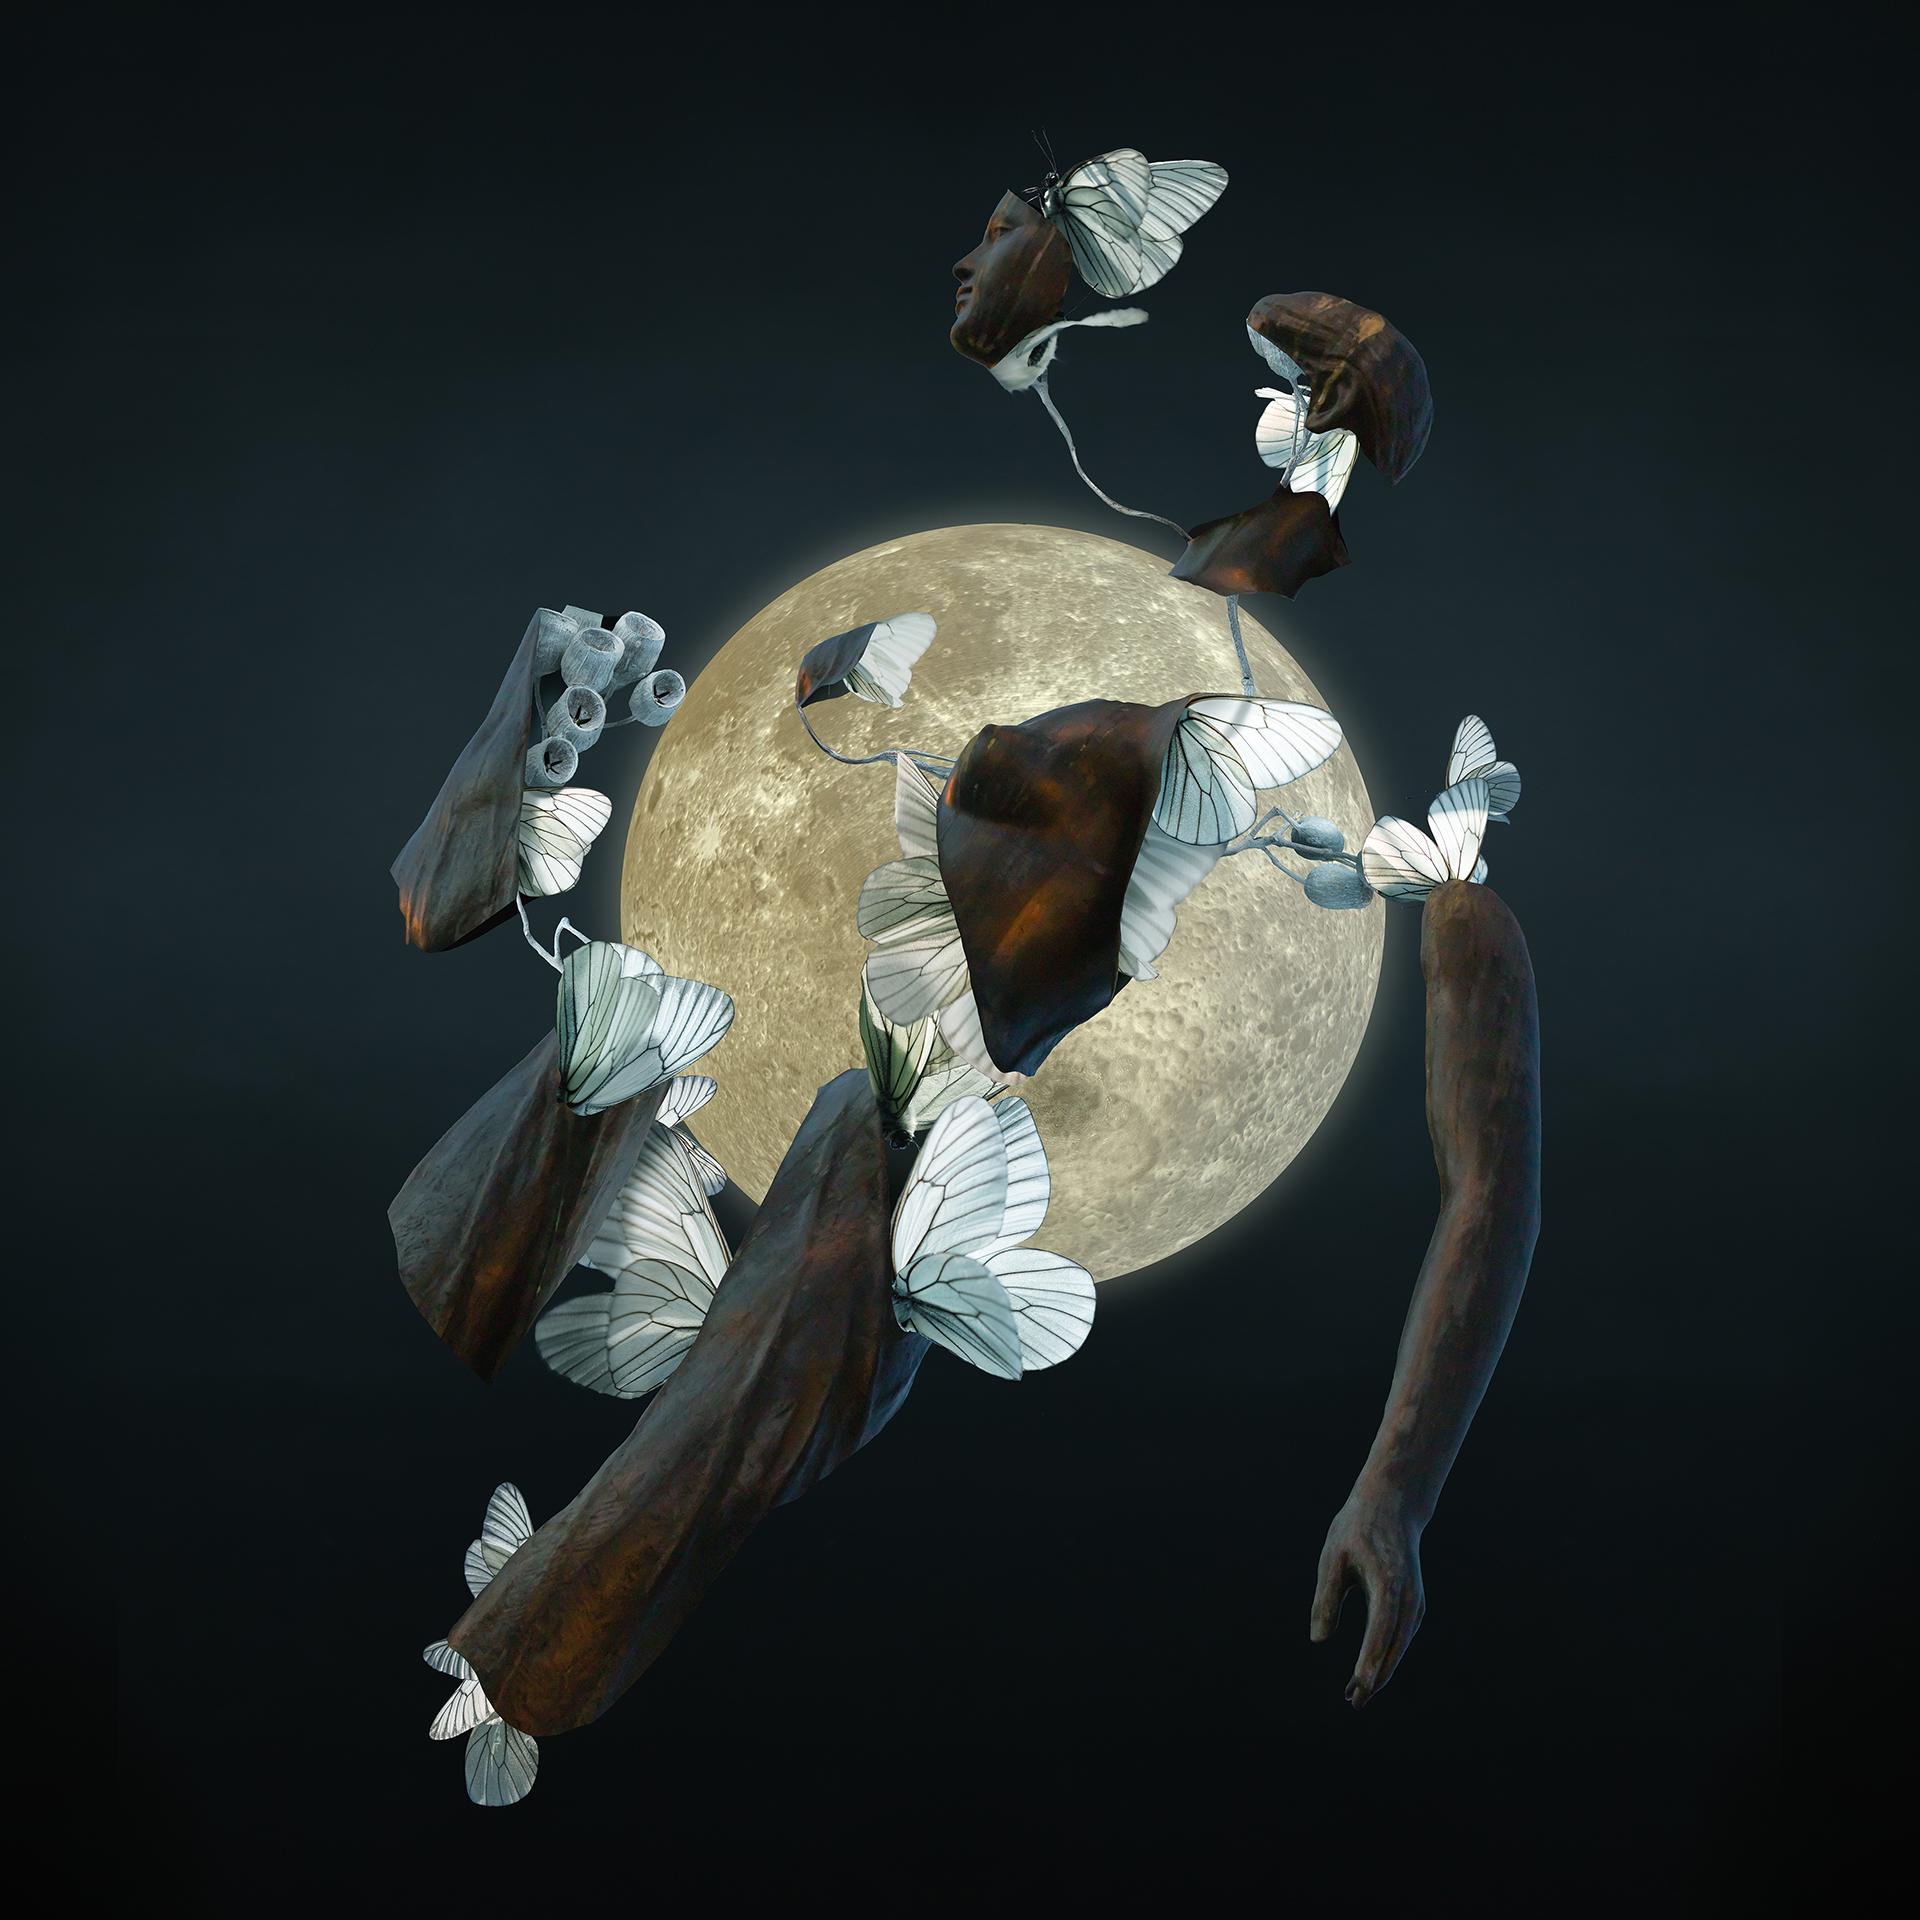 月夜の羽化 by Erika Kusumi